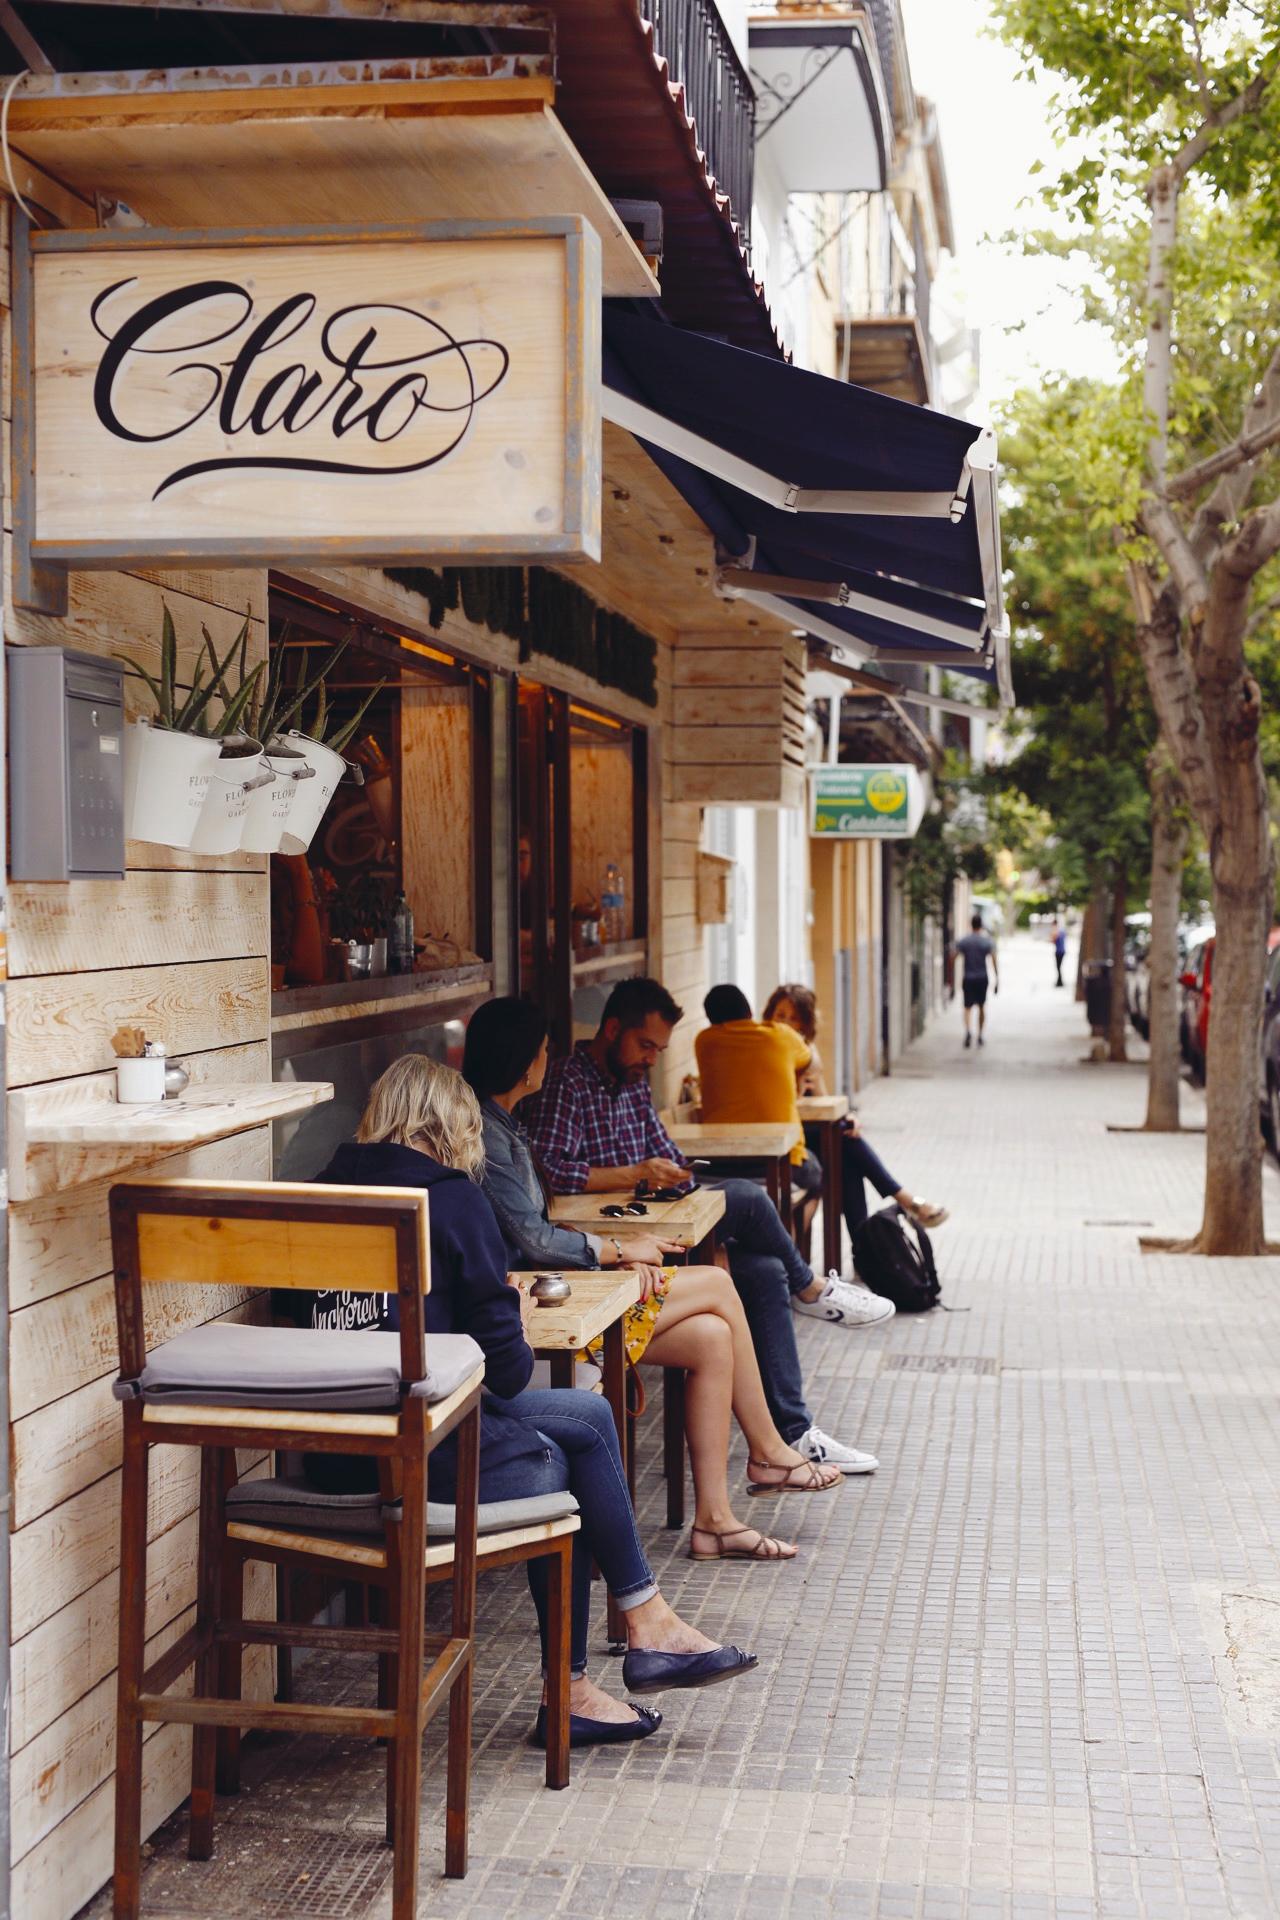 Café Claro in Palma, Mallorca, June 2018